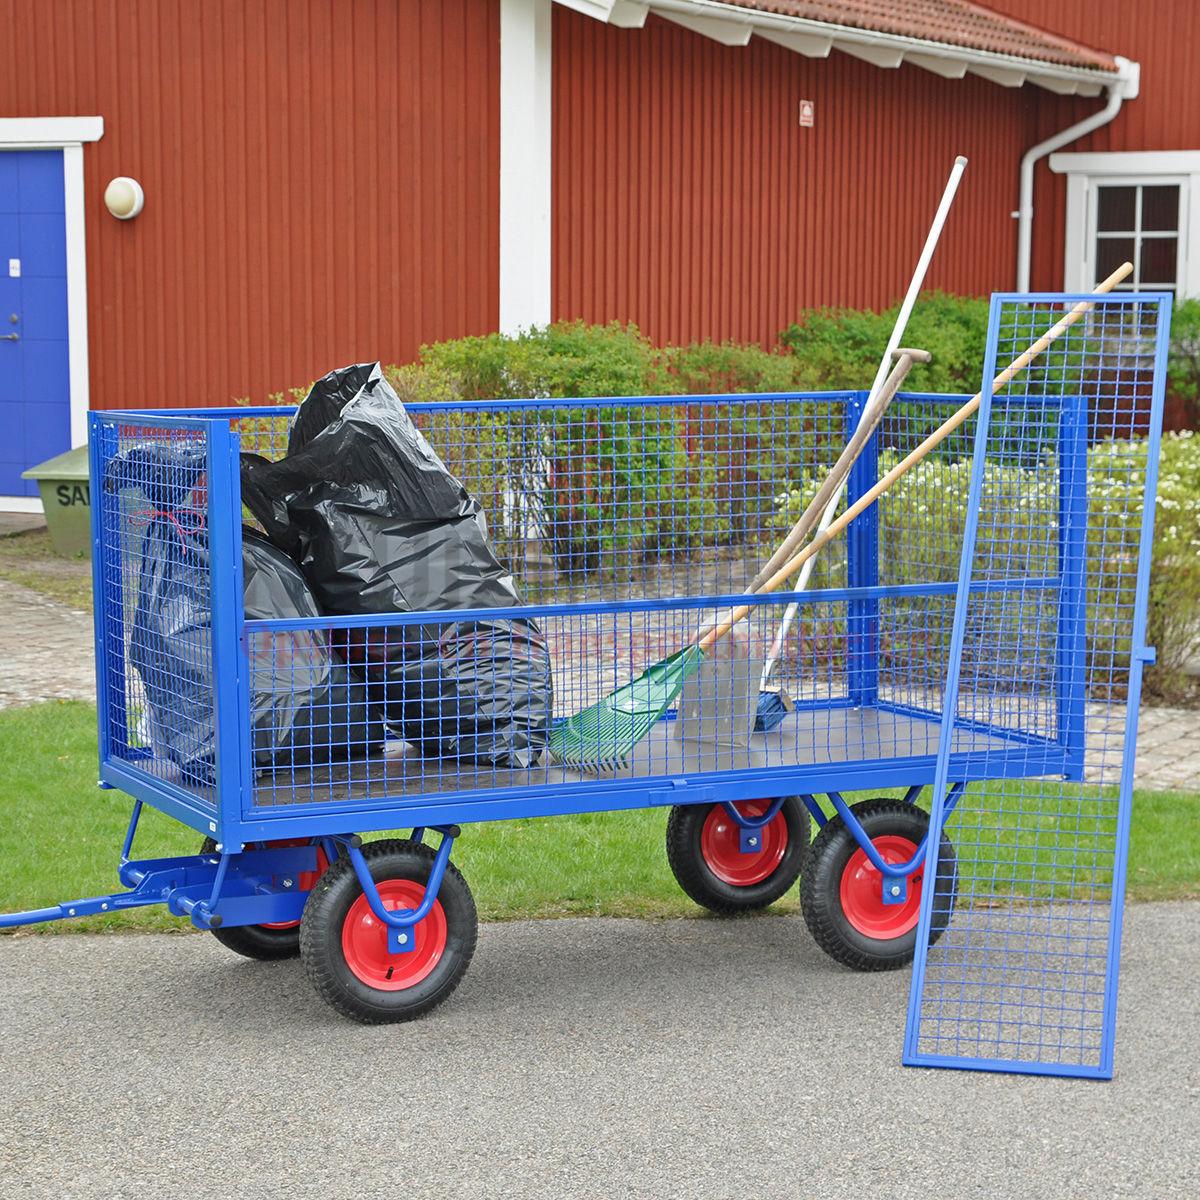 chariot transport accessoires grillage acier 4 pi ces 370 50 frais de livraison inclus. Black Bedroom Furniture Sets. Home Design Ideas